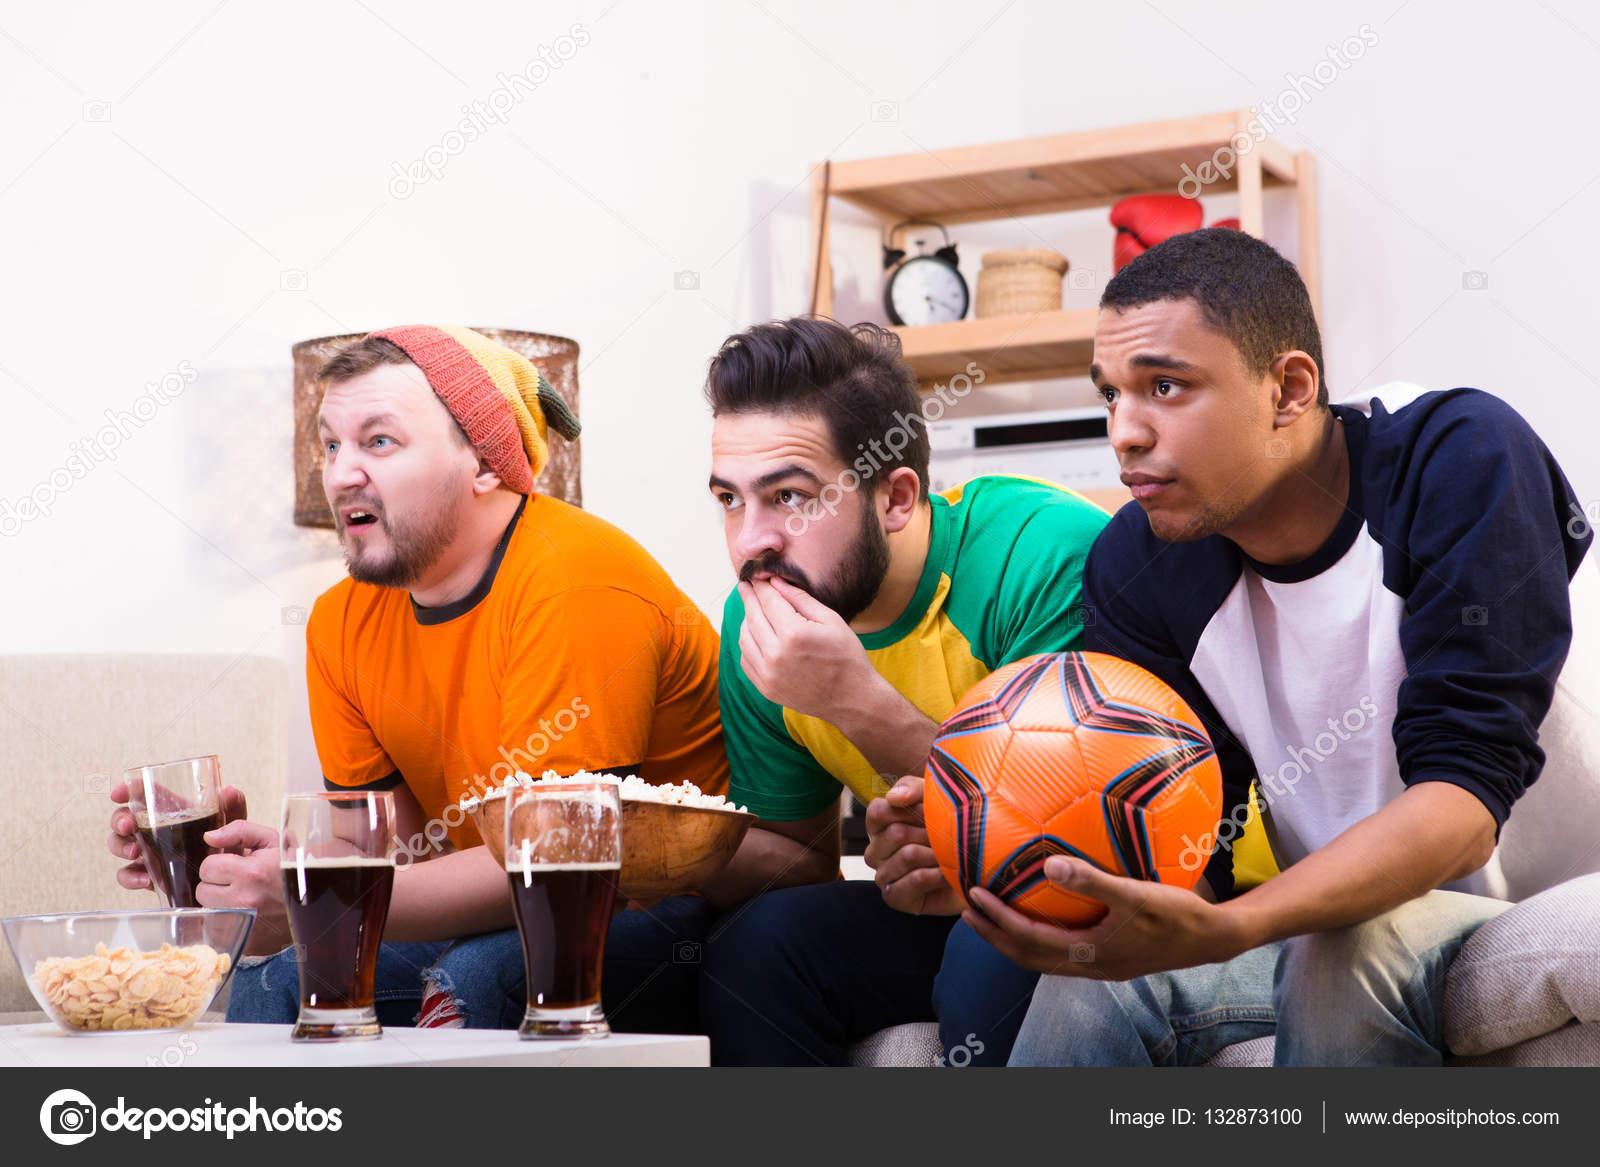 partido chat Ver beisbol profesional de venezuela en vivo online, lvbp en linea, lvbp en vivo, liga venezolana de beisbol profesional, deportes meridiano online, caracas vs magallanes, real madrid vs barcelona, champions league, liga bbva de españa, juegos en vivo, partidos en vivo, premiere league, calcio serie a, la bundesliga.